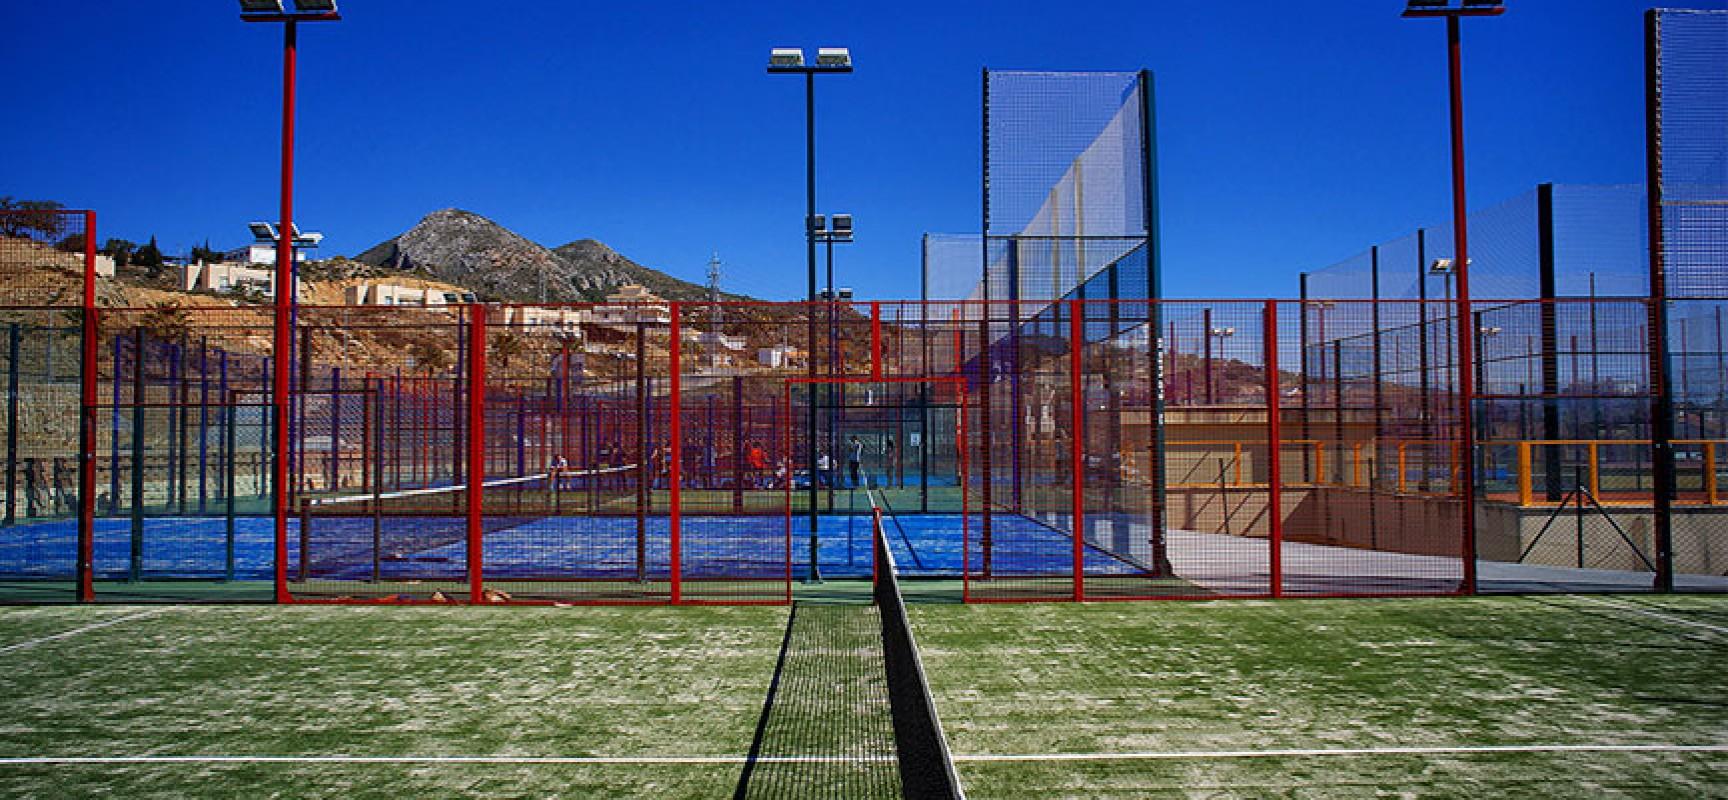 El club deportivo le n 13 ruge el padel con un nuevo club for Pistas de padel malaga